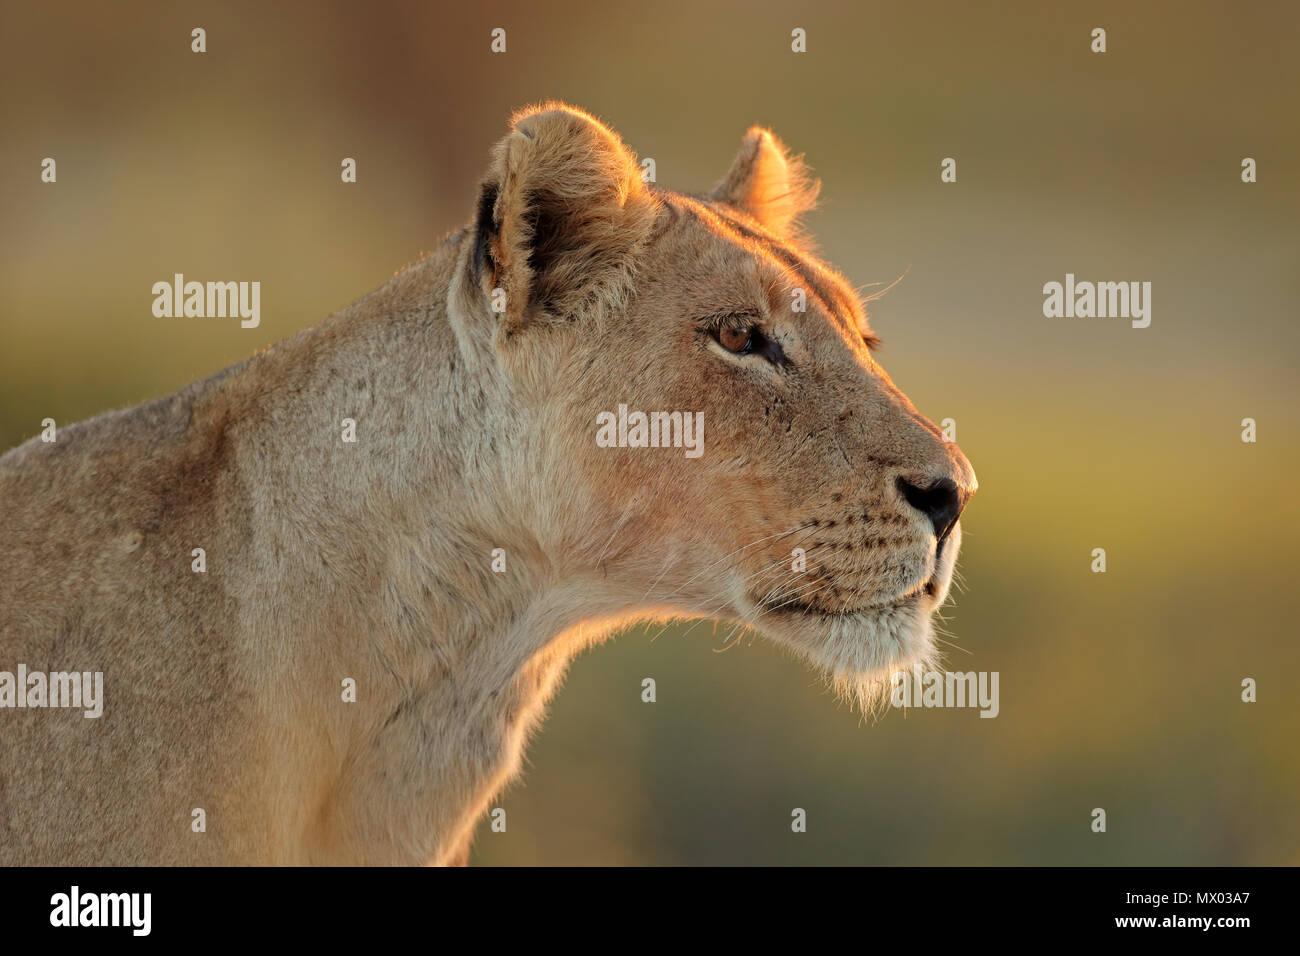 Portrait of an African lioness (Panthera leo), Kalahari desert, South Africa - Stock Image